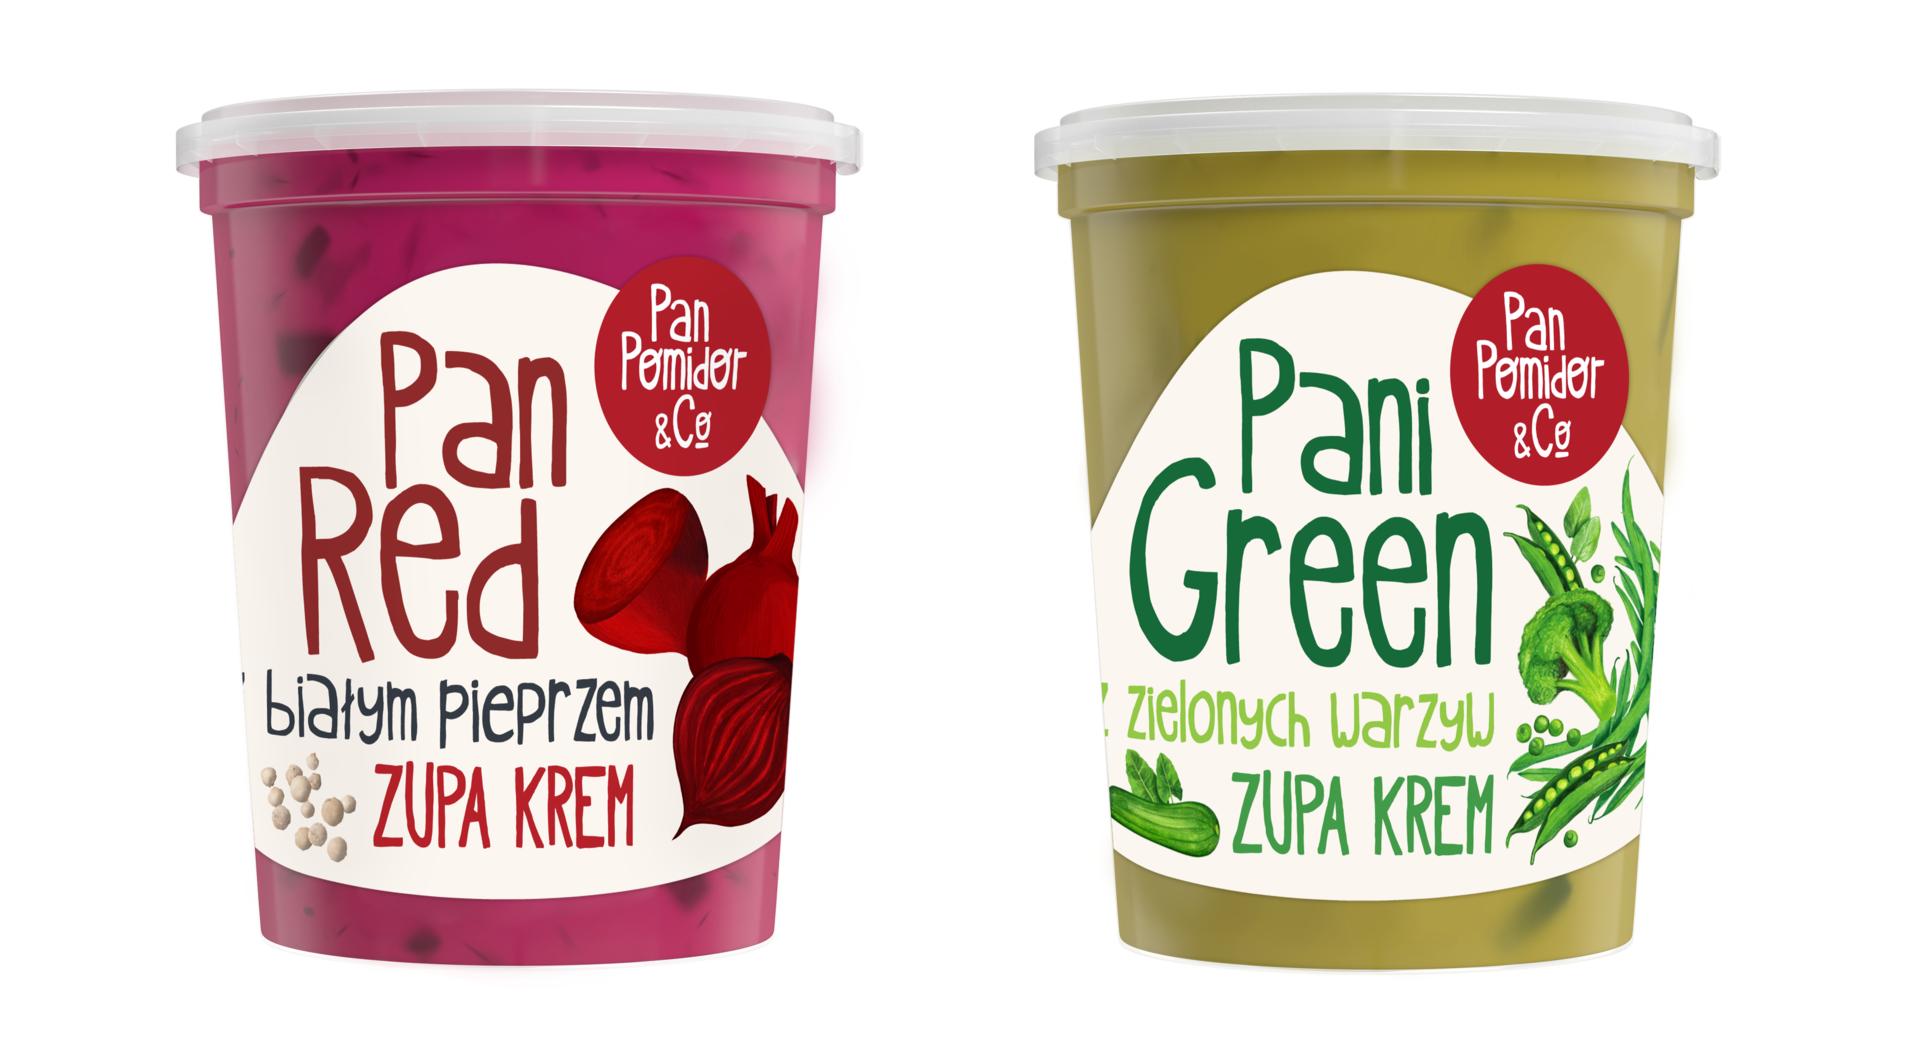 Pan Pomidor & Company rozszerza kategorię dań gotowych o dwie nowe zupy krem  - Pana Red i Panią Green